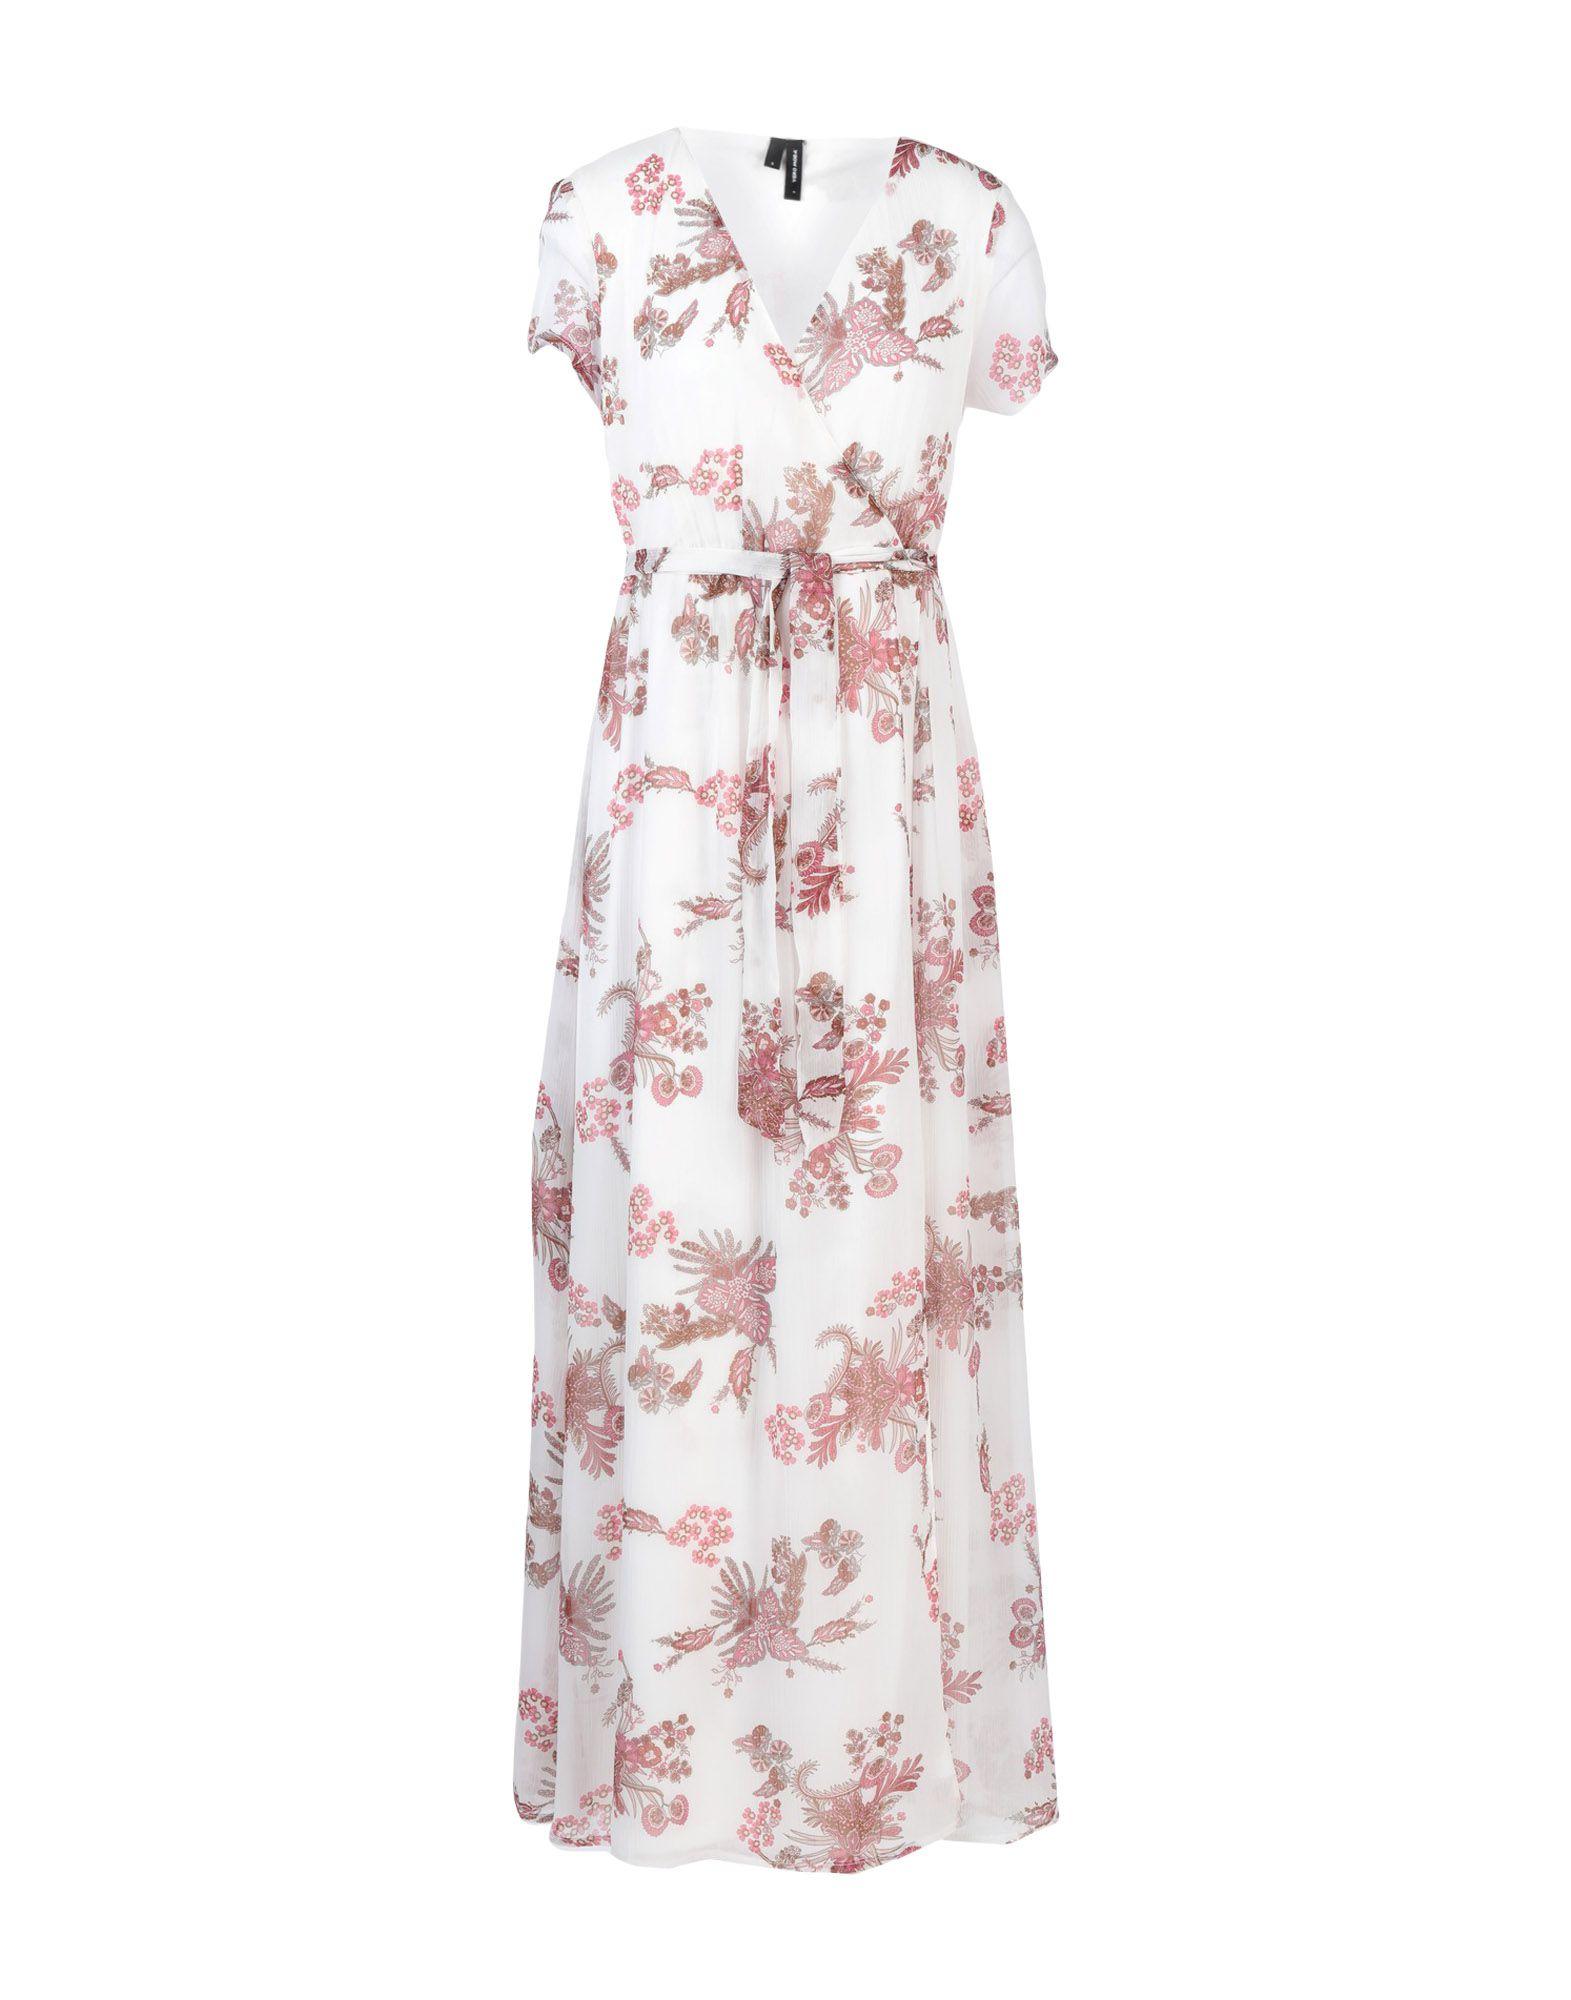 VERO MODA   VERO MODA 3/4 length dresses   Goxip